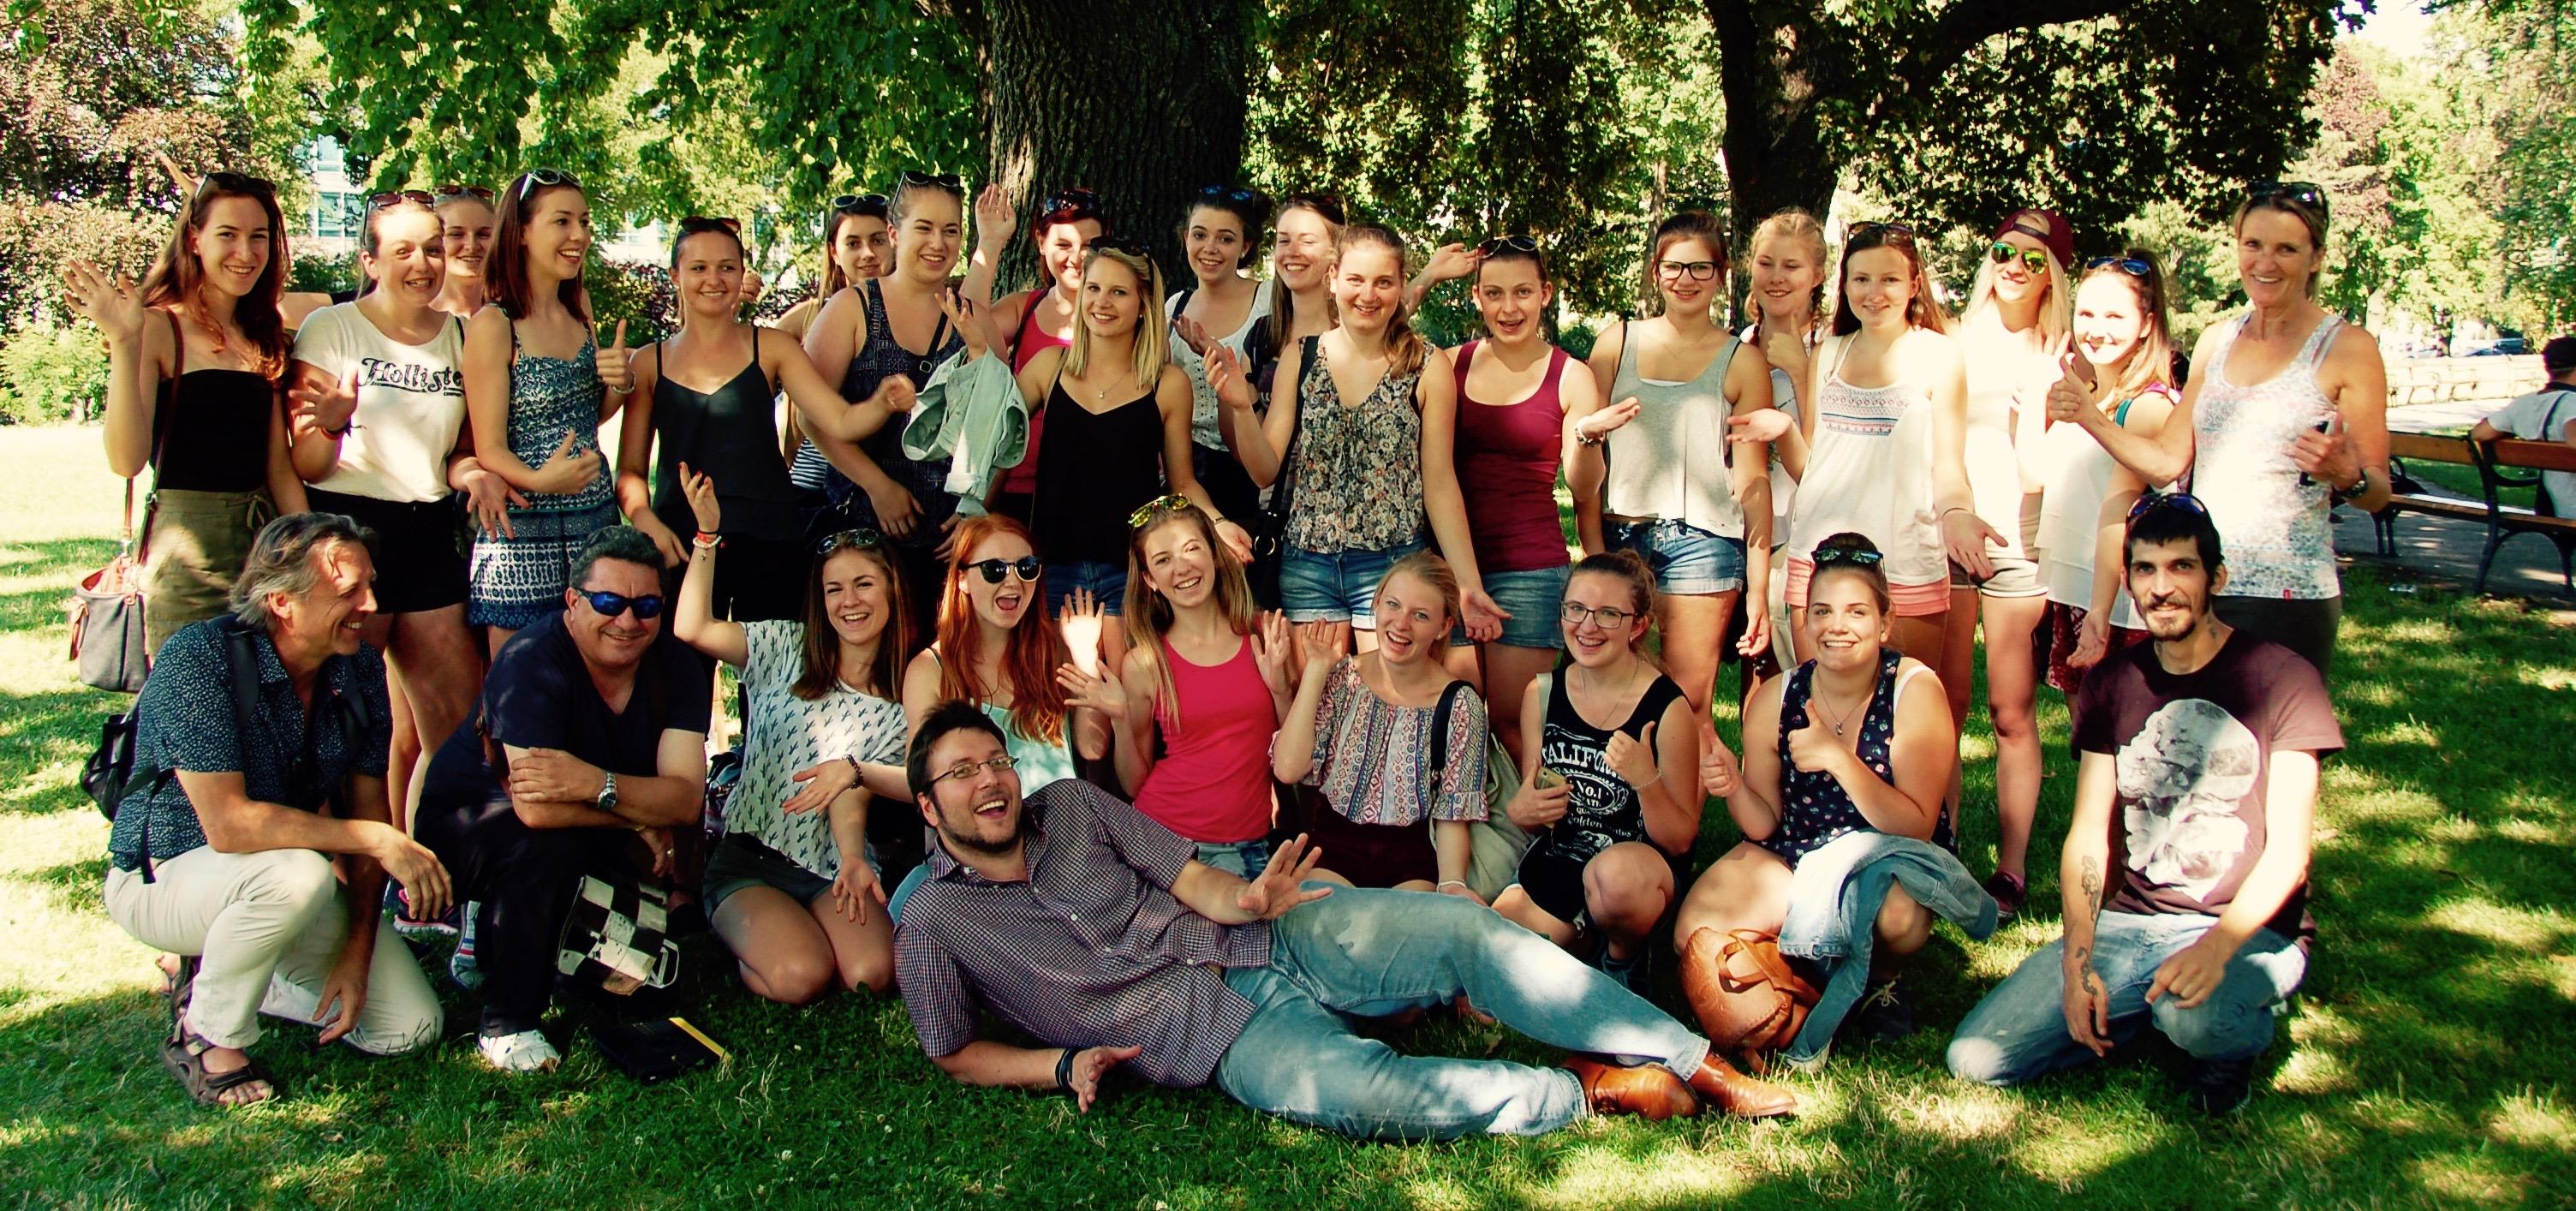 Schulausflug - Exkursion - Wienwoche - Schulschlussprogramm